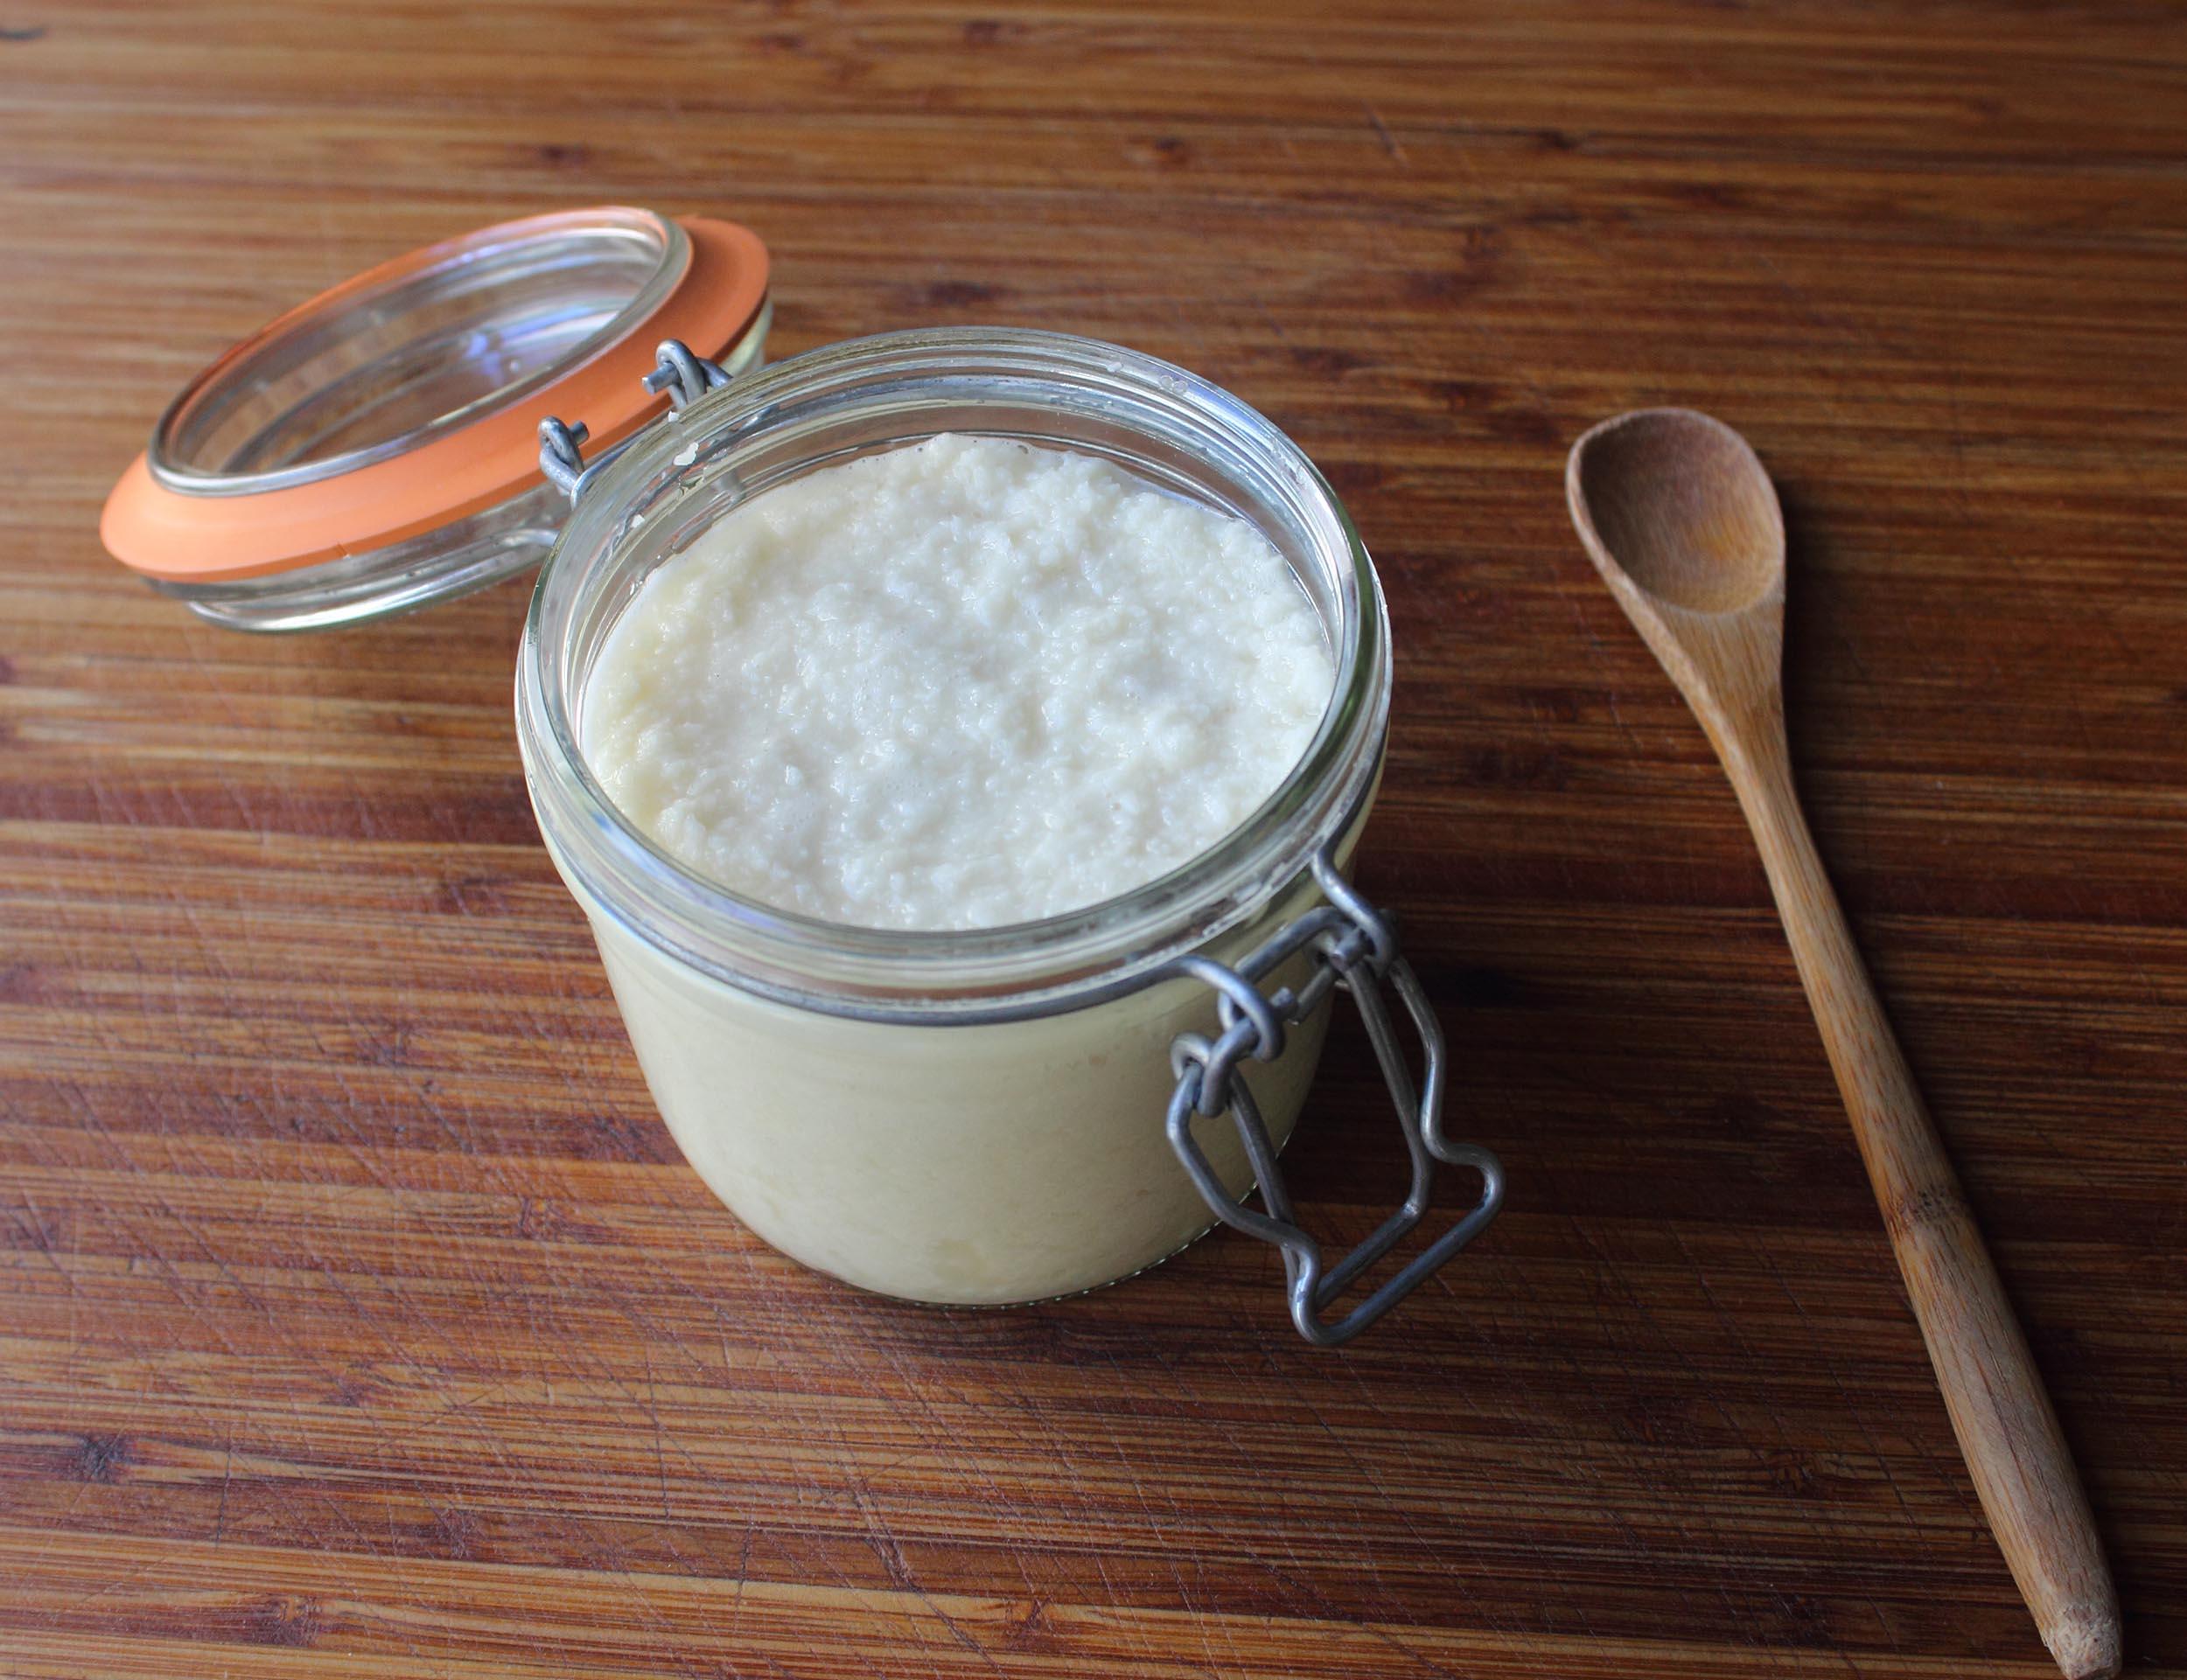 Homemade Prepared Hot Horseradish